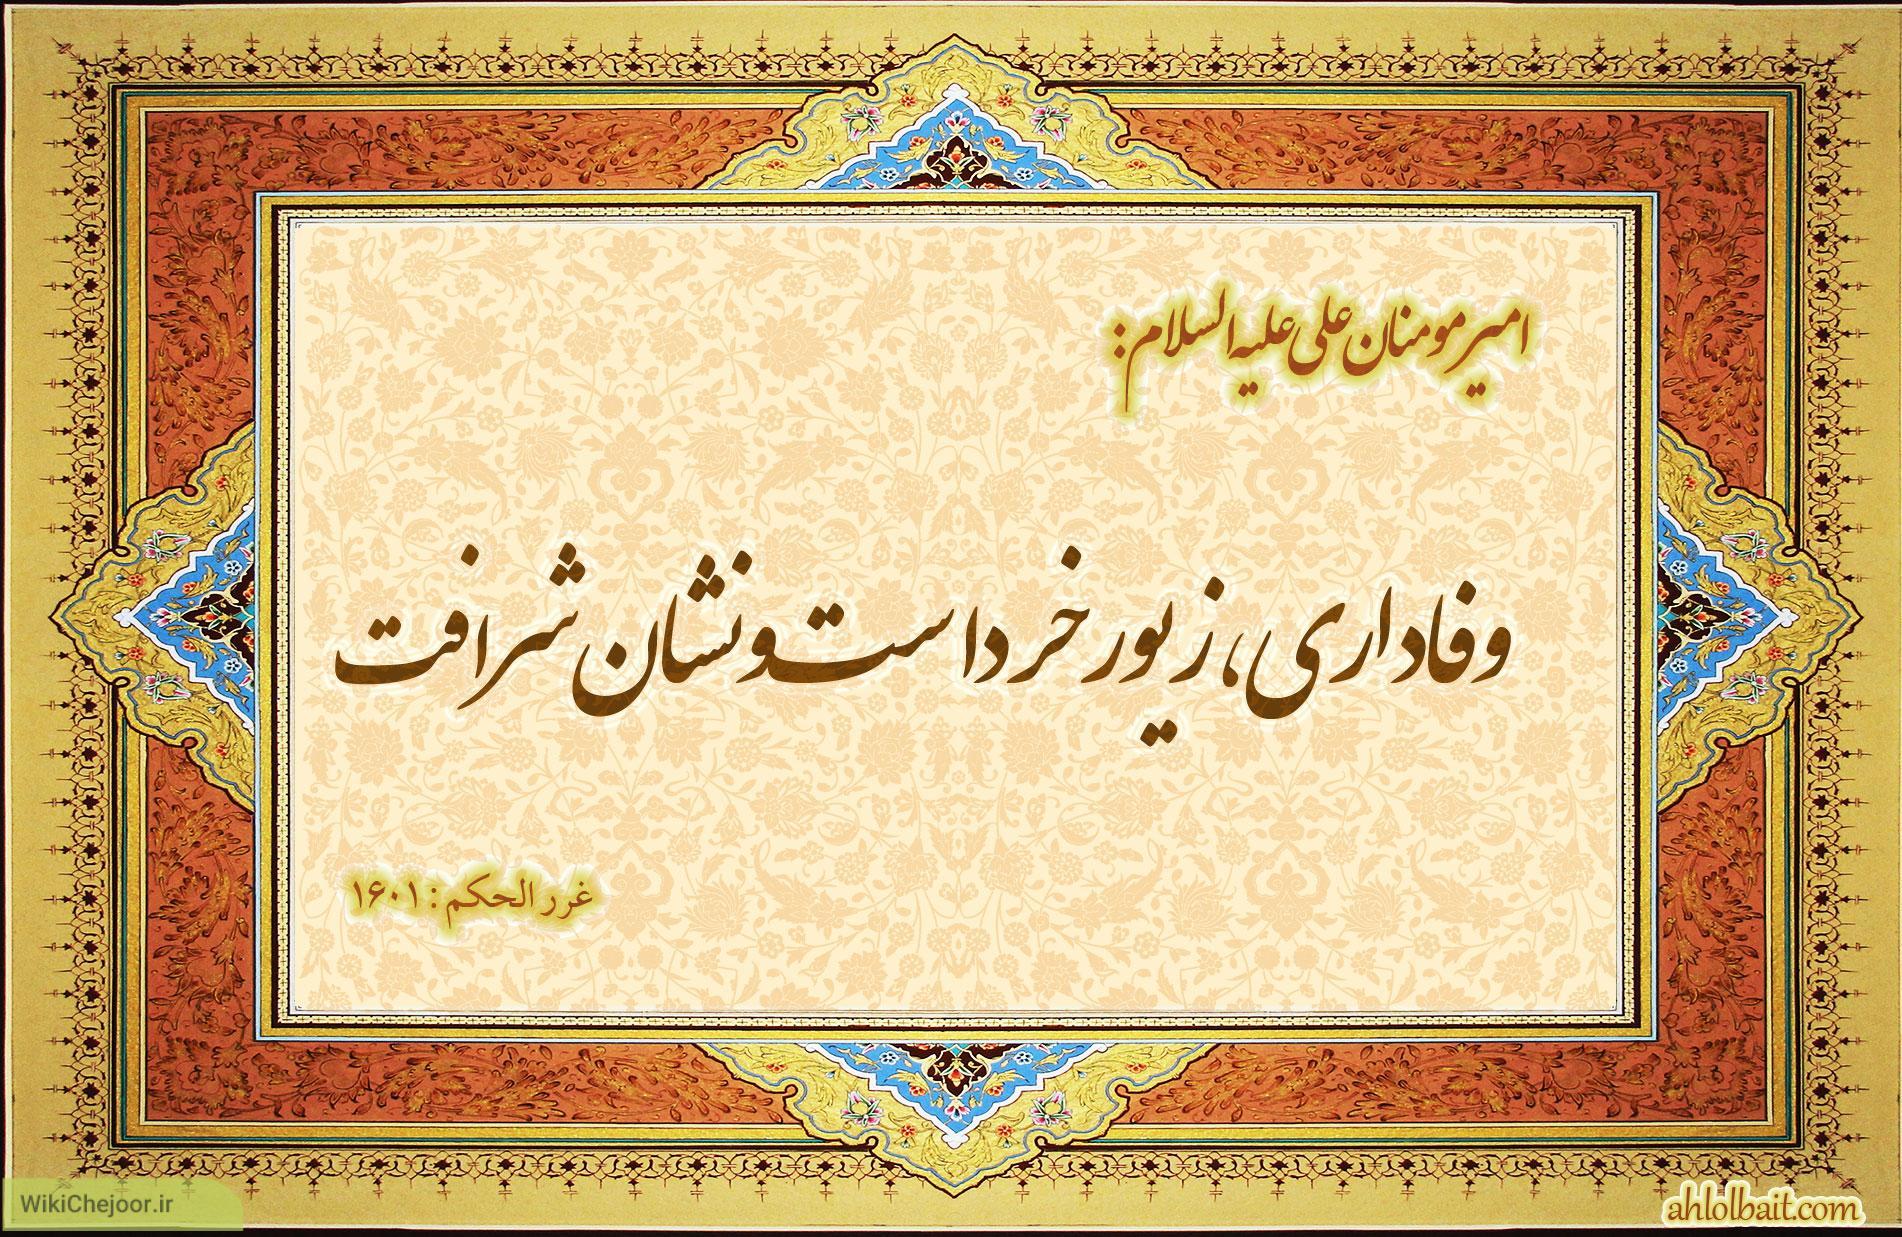 چگونه اسلام به وفای بر عهد و پیمان اهمیت می دهد؟